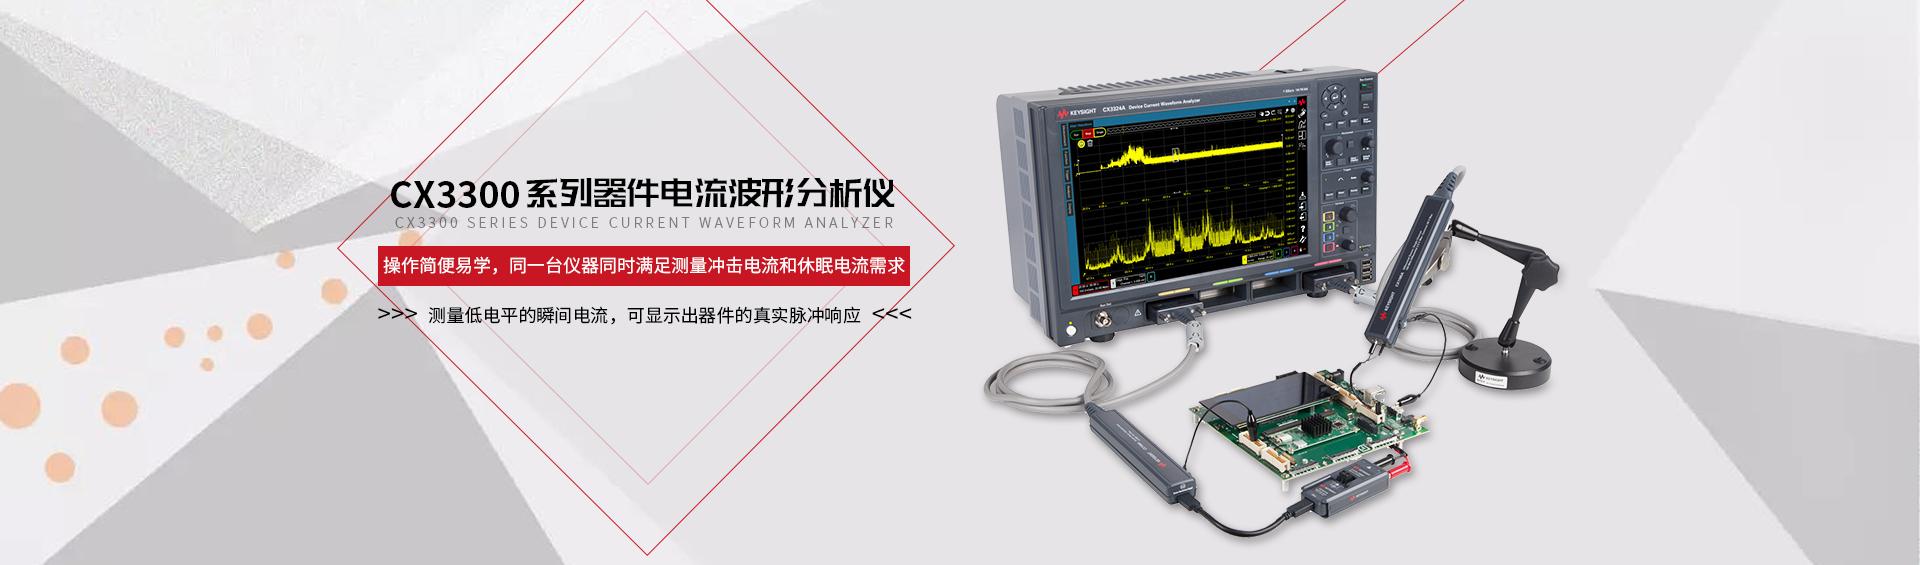 CX3300系列器件电流波形分析仪